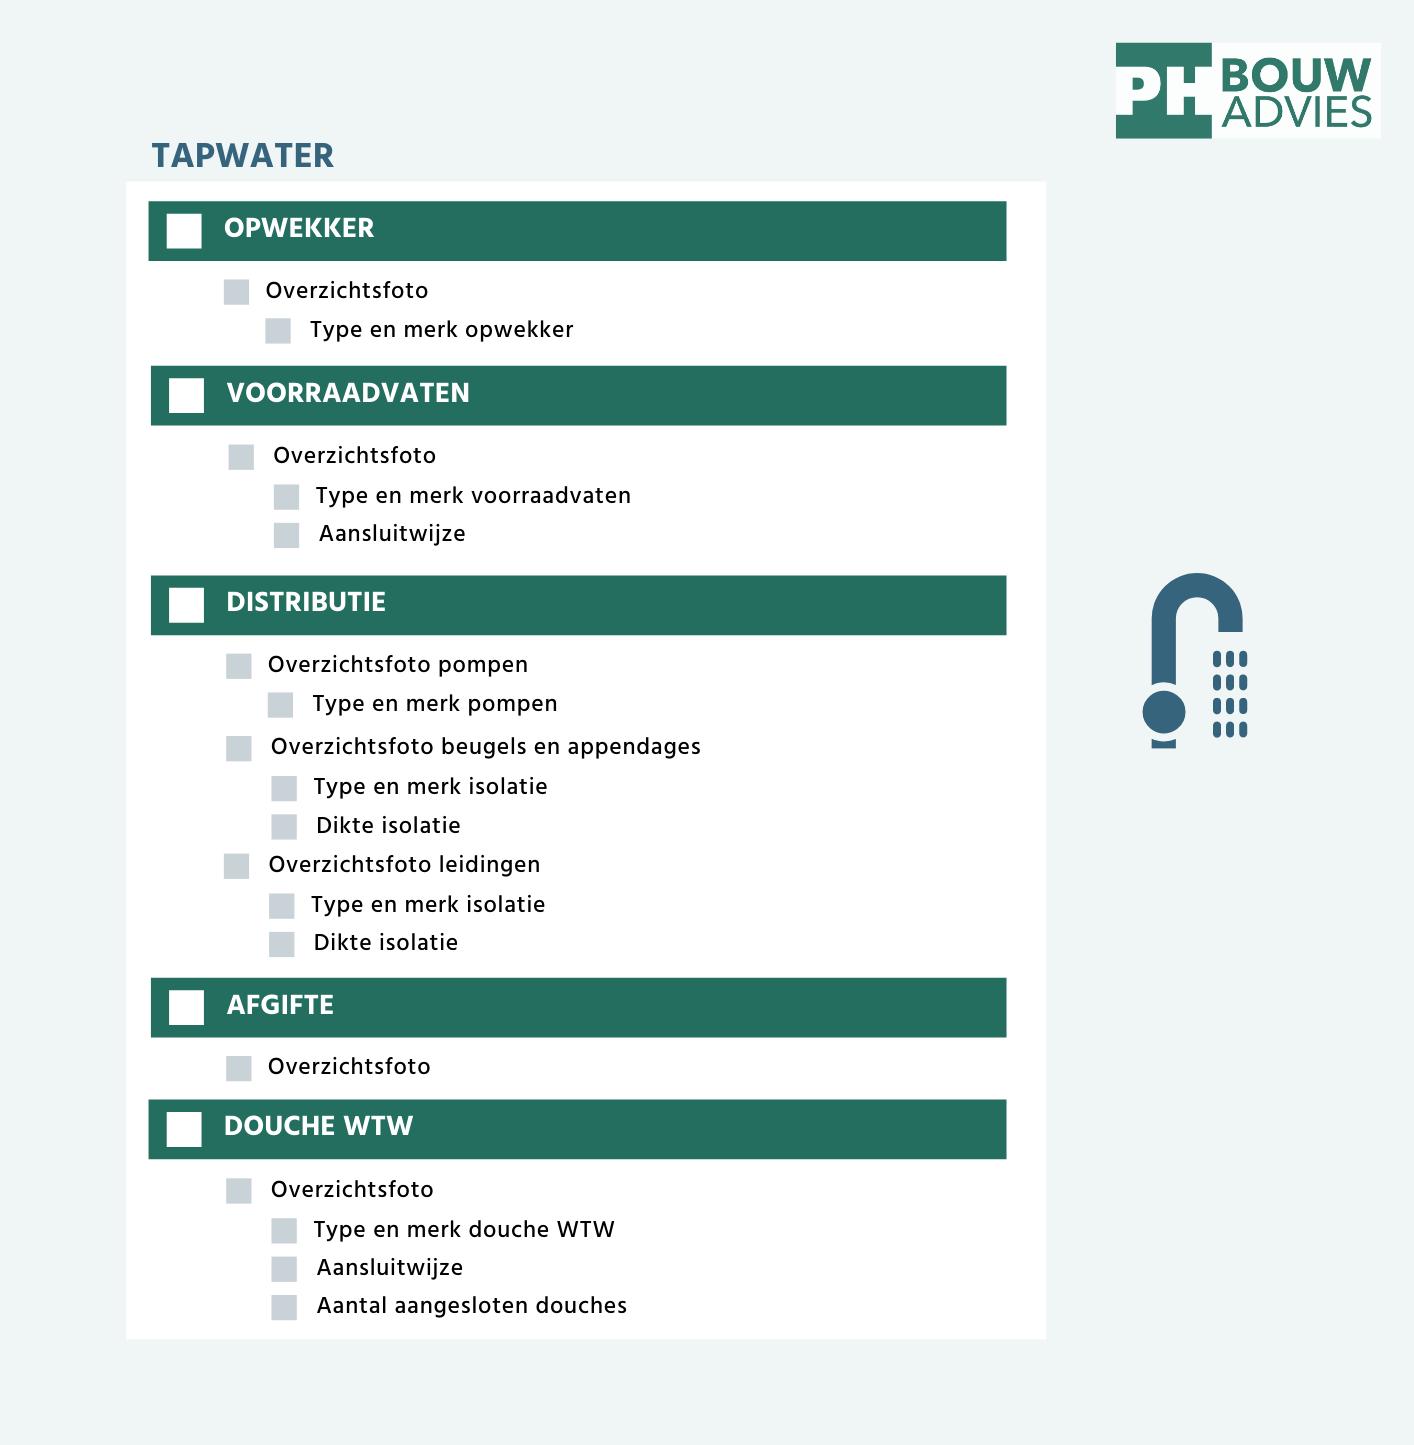 Ingenieursbureau PH Bouwadvies stelde een checklist op van alle foto's die moeten worden aangeleverd in een BENG projectdossier - download hem hier